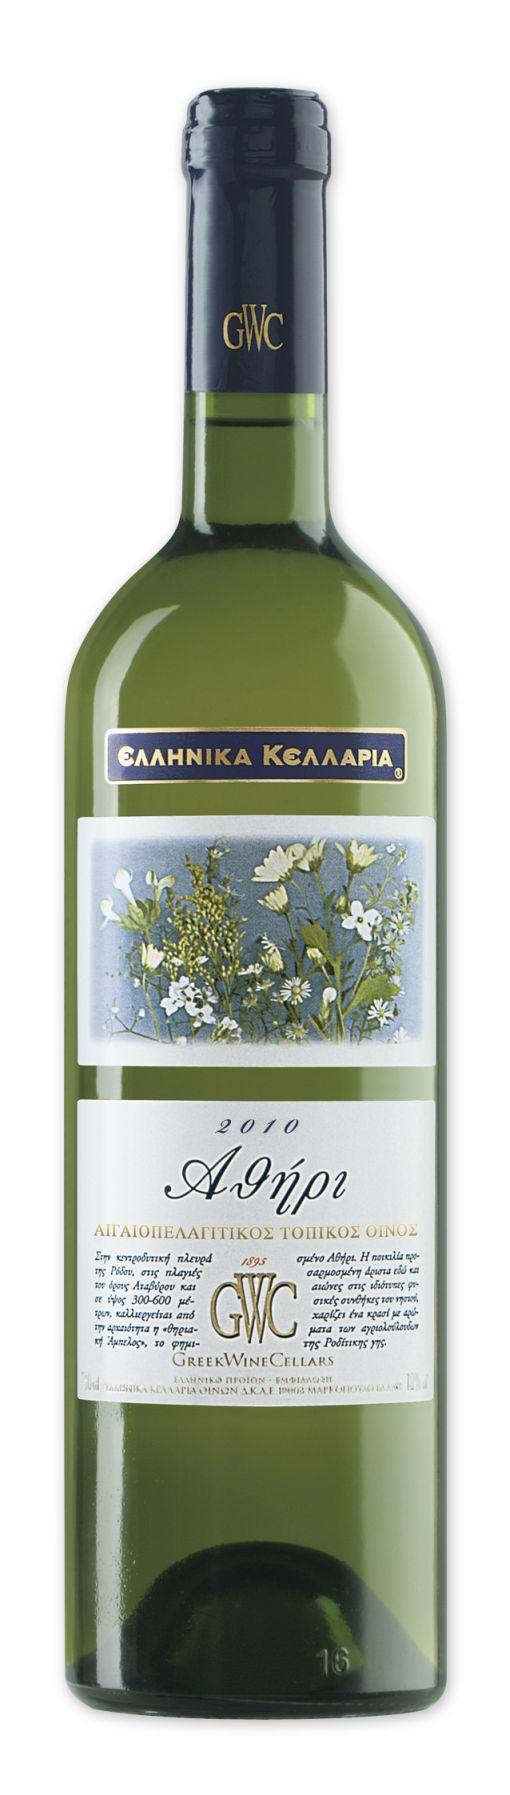 Οίνος Λευκός Αθήρι Αιγαιοπελαγίτικο Ελληνικά Κελάρια (750 ml)